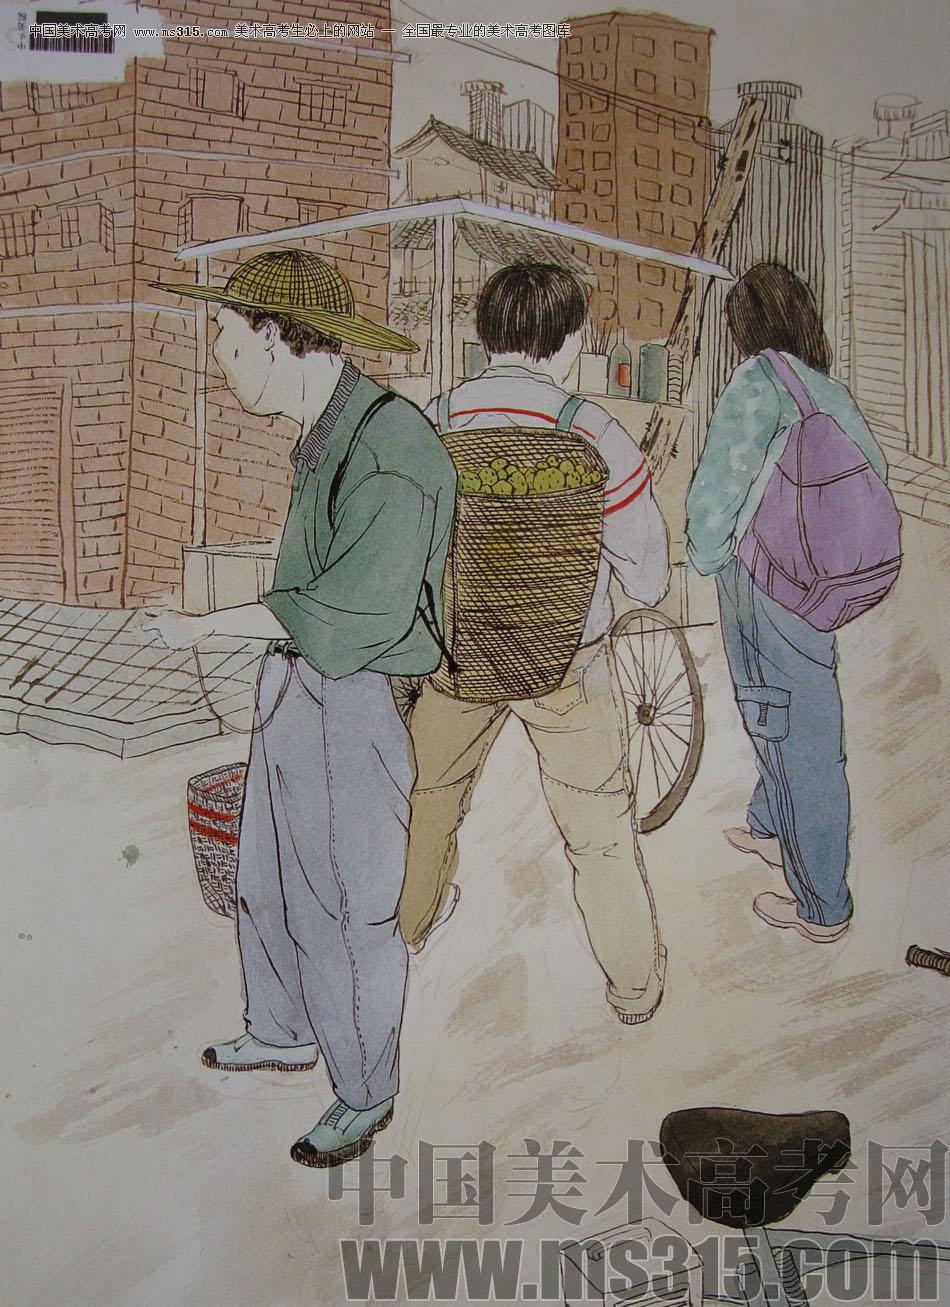 2009年中央美术学院中国画专业优秀试卷13(命题创作)图片